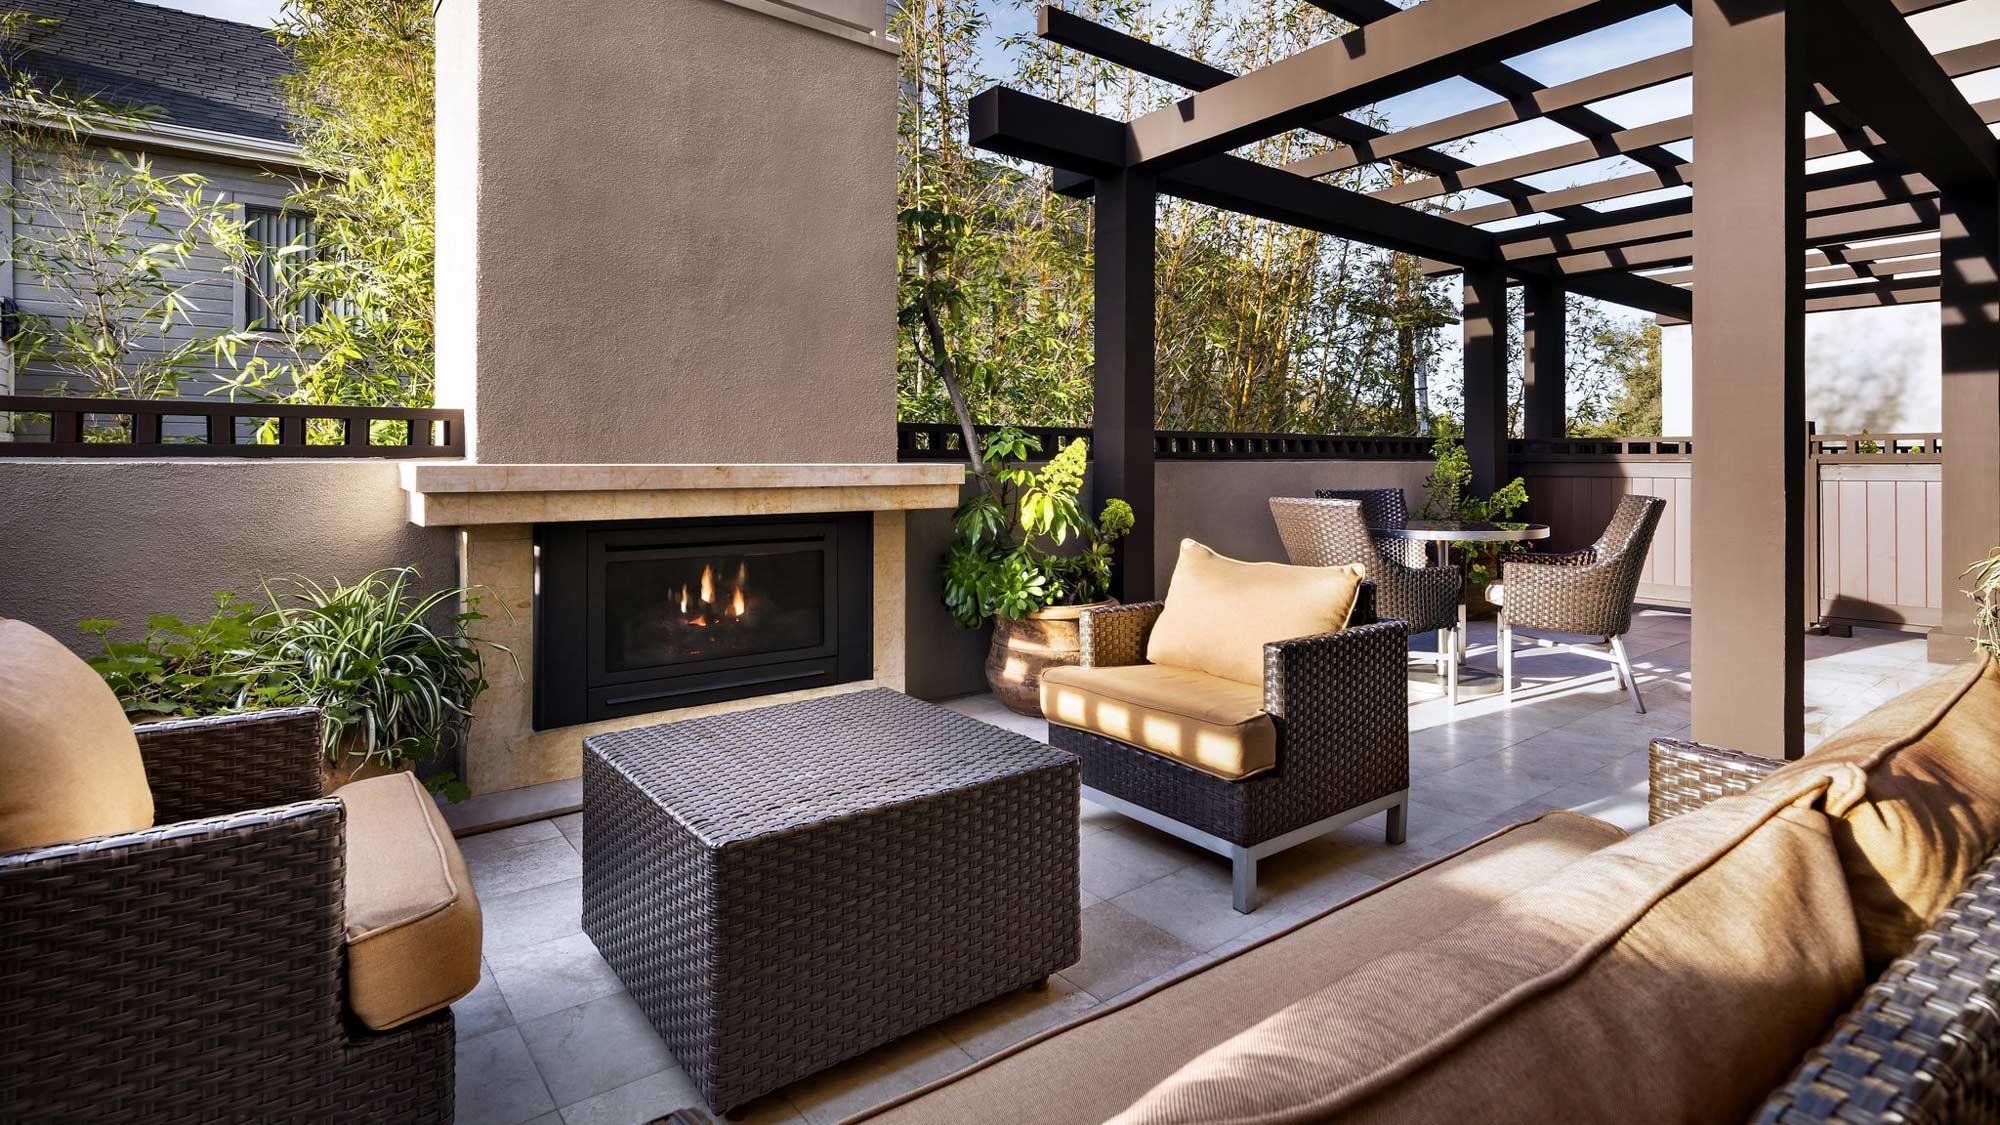 De mooiste ecohotels: Ambrose Hotel in Santa Monica